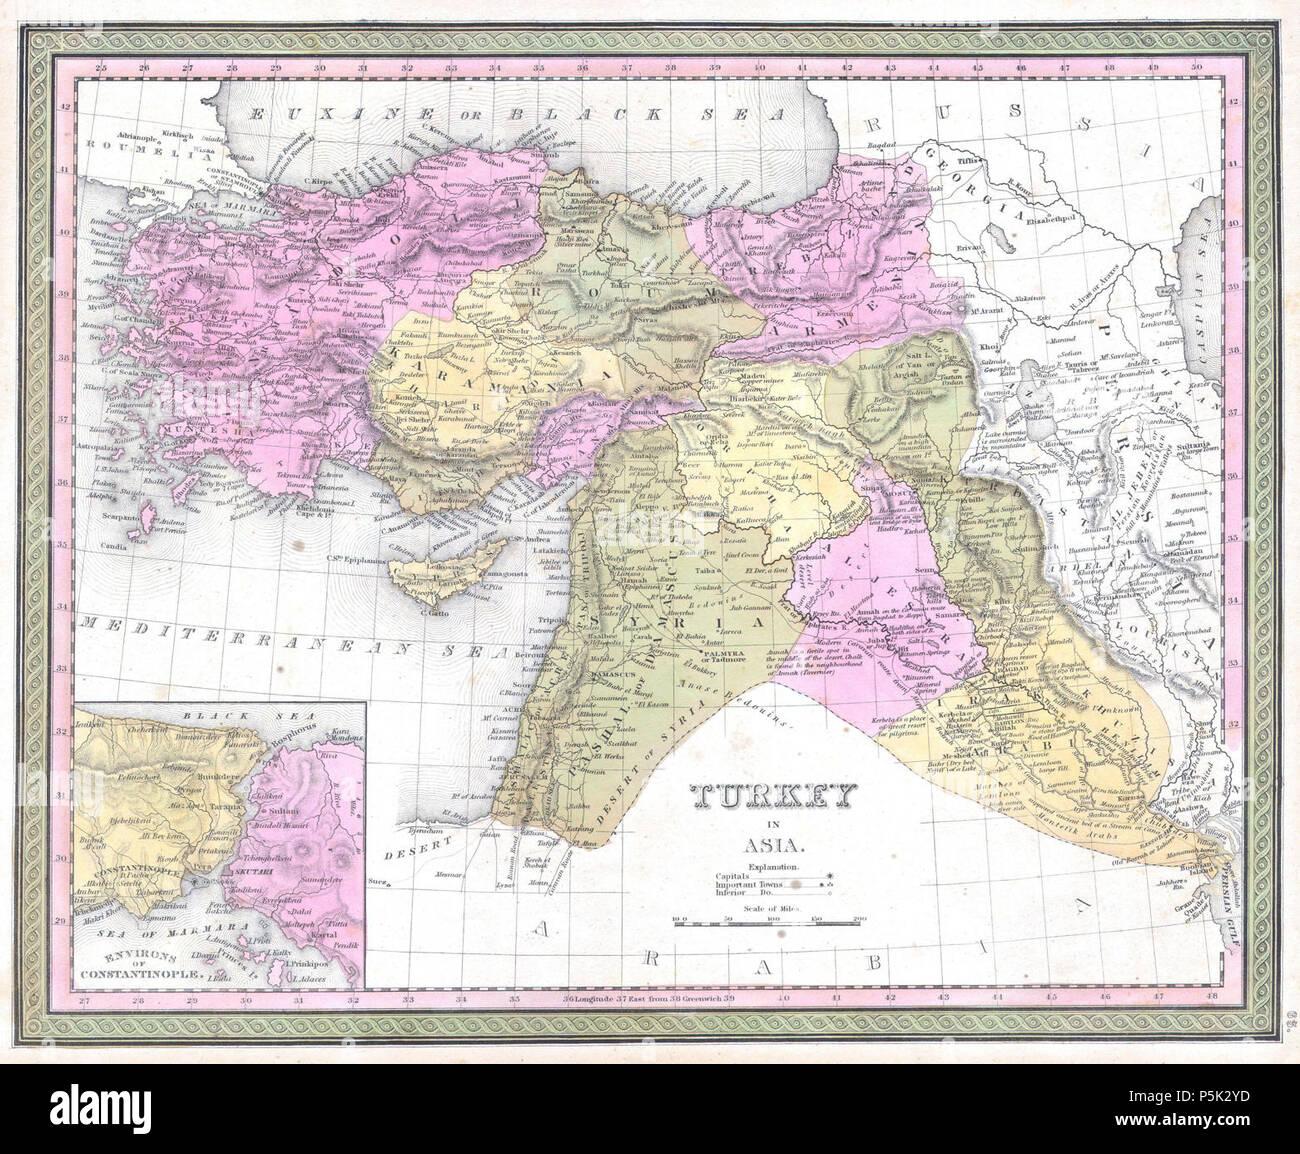 Syrien Irak Karte.1849 Mitchell Karte Der Türkei Irak Syrien Palästina